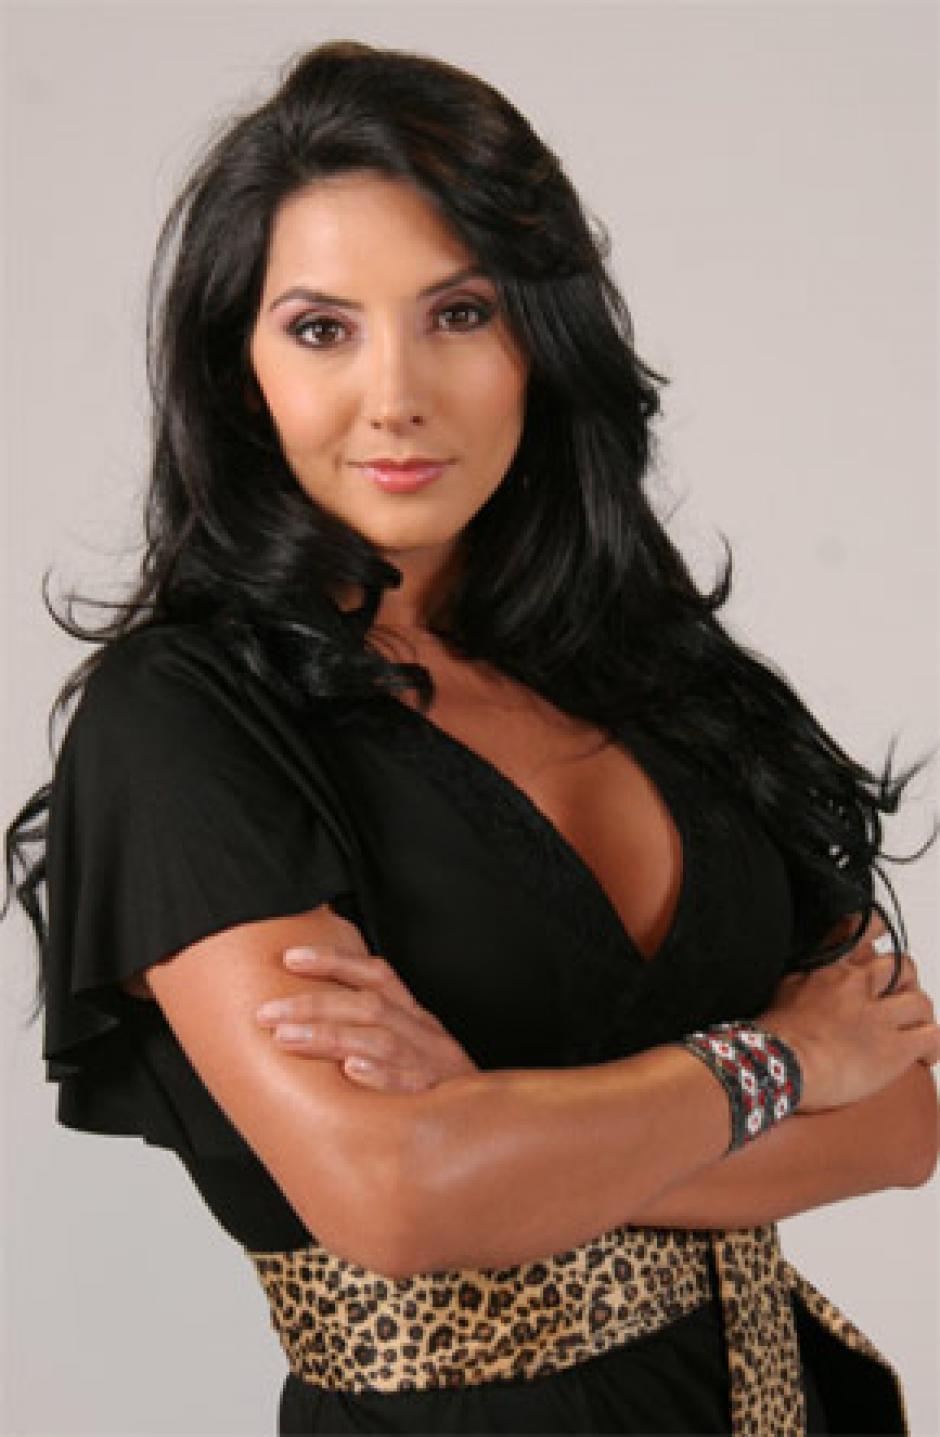 La actriz Liliana Lozano fue asesinada en Colombia; estuvo ligada a una familia de narcotraficantes.